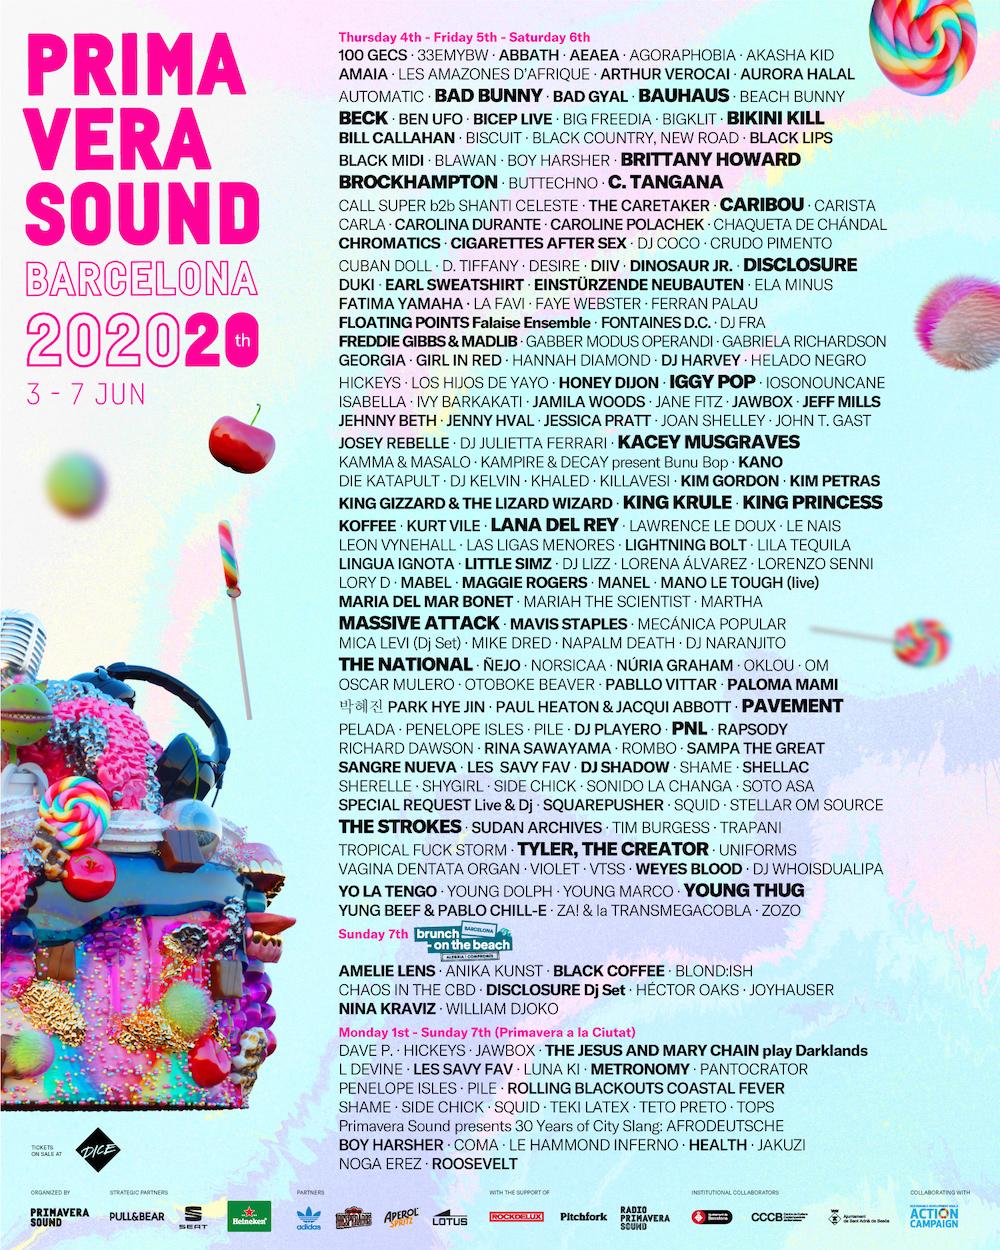 Primavera Sound barcelona 2020 20th anniversary lineup poster